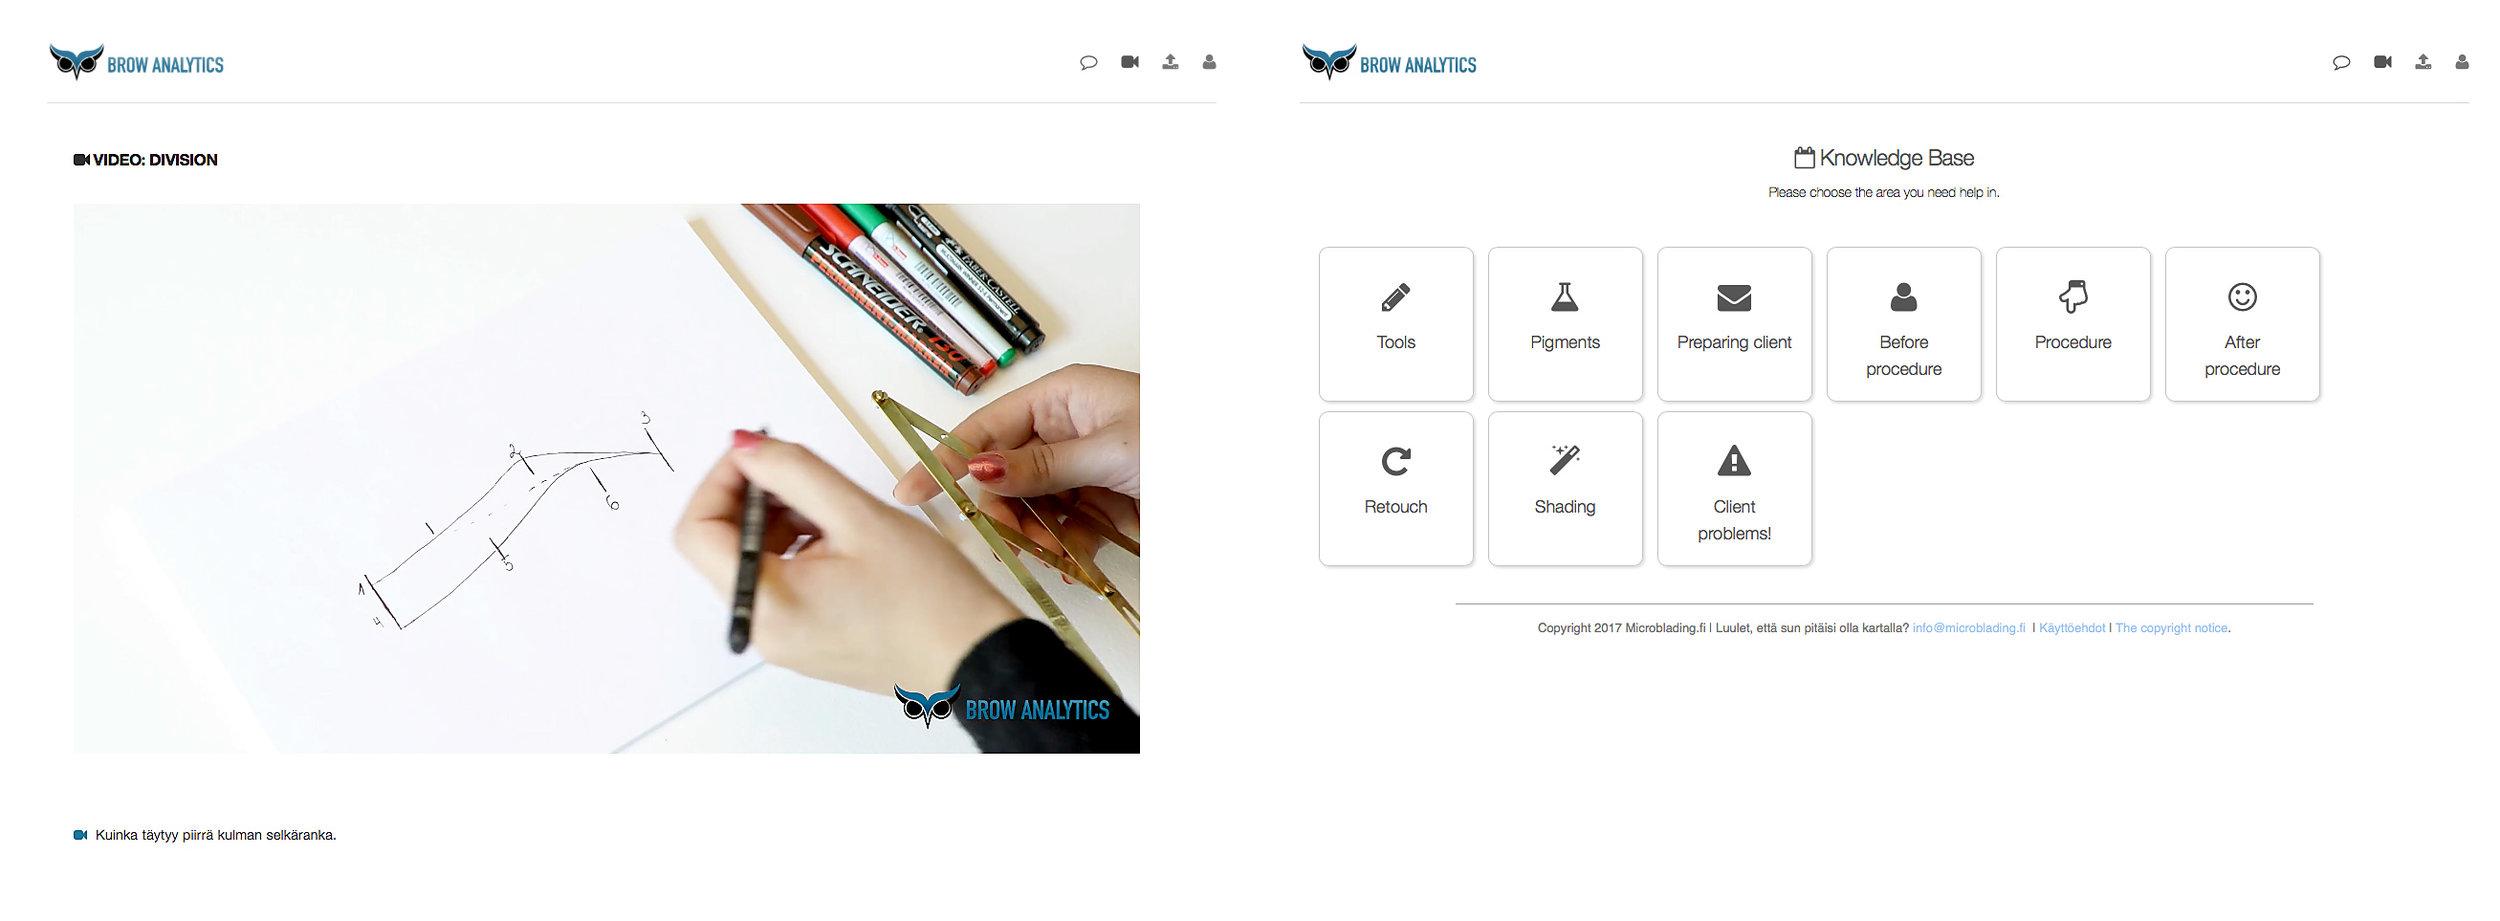 Lisäksi sisältää Brow Analytics ohjelma uusille oppilaille myös video osan ja kysymyksien ja vastauksien osan.